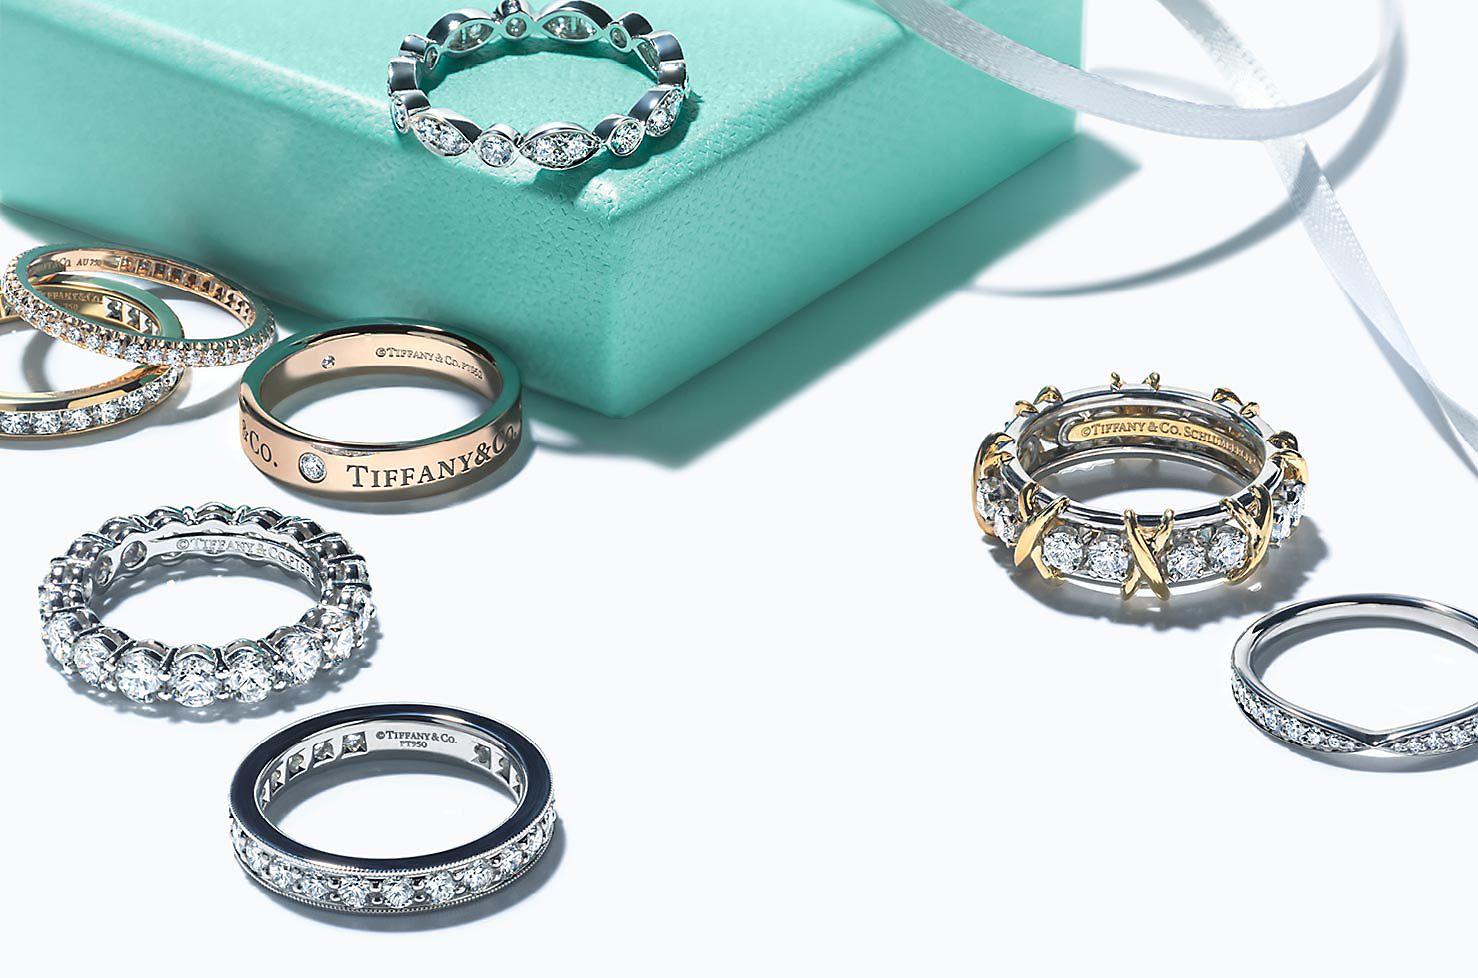 f9496ce6bb093 Conheça as alianças de noivado e casamento   Tiffany   Co.